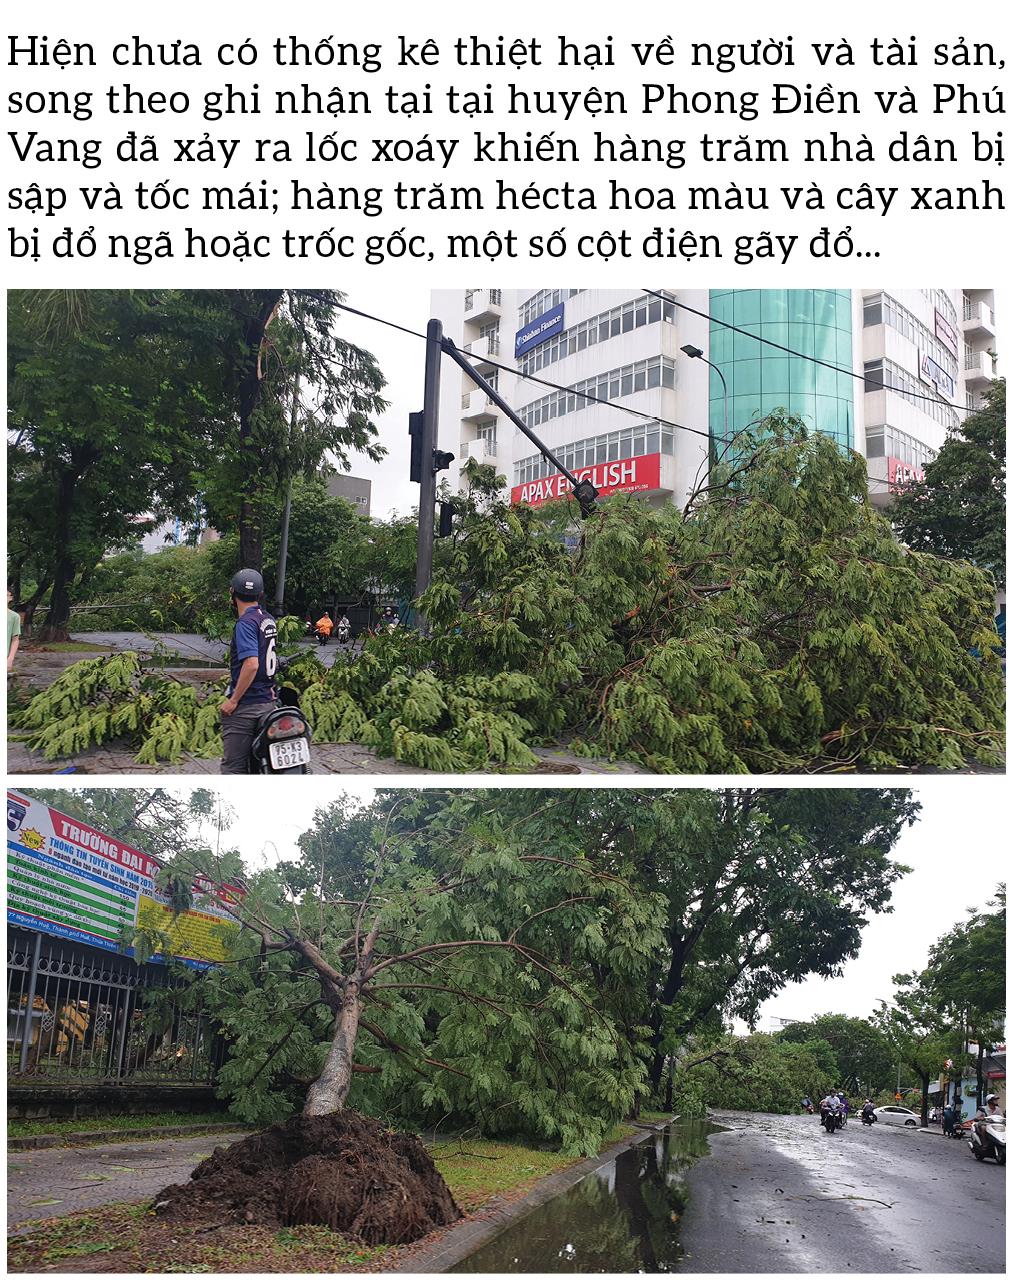 Bão số 5 đổ bộ miền Trung gây lốc xoáy, mưa lớn và ngập úng ảnh 4